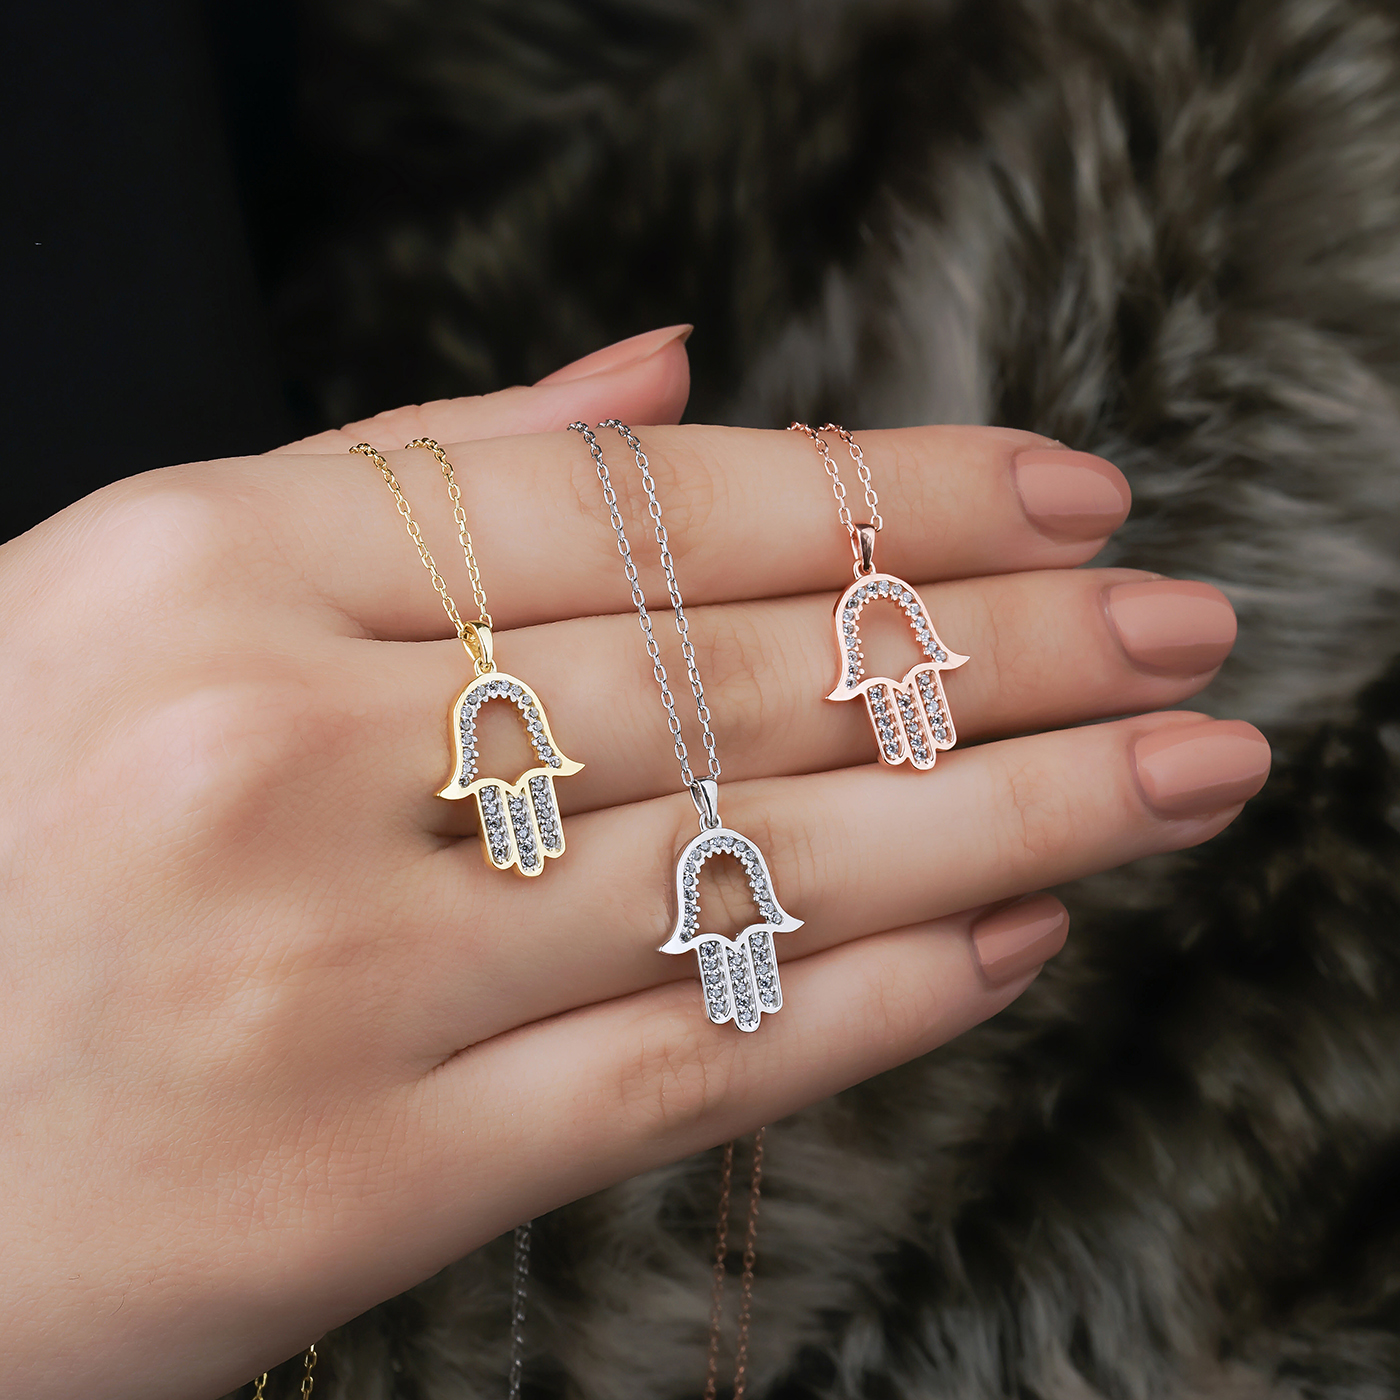 ALMIRA 925 Sterling Silber Damen Halskette Fatimas Hand Strass Zirkonia Silberschmuck